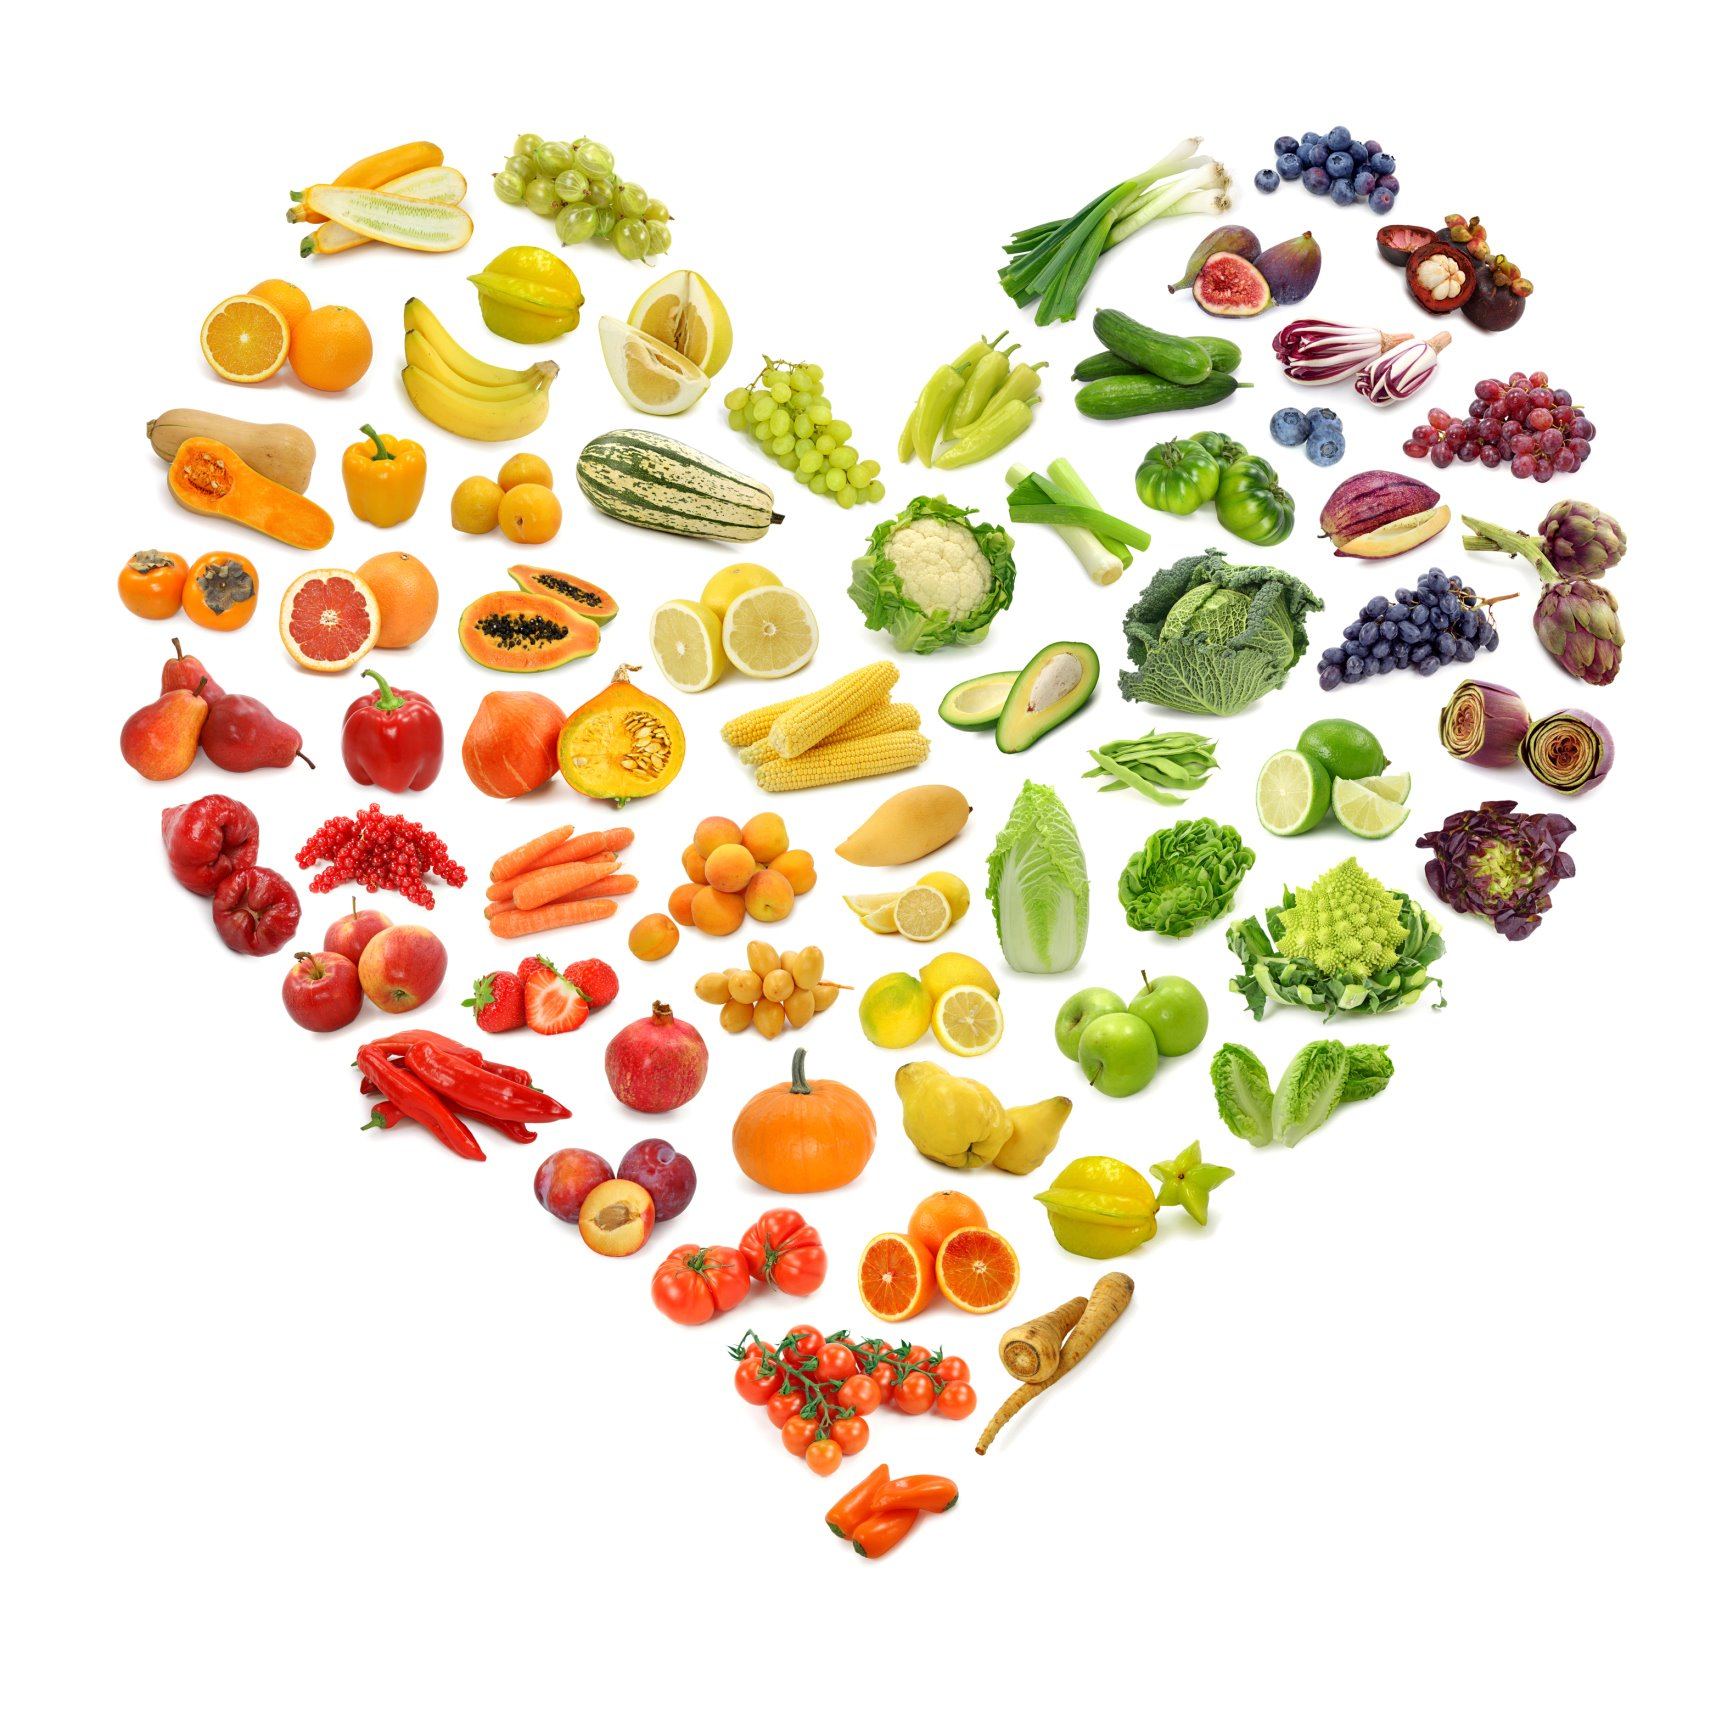 alimentazione salutare bioenergetica trieste annarita aiuto dietologa nutrizionista cibi sani visite 02